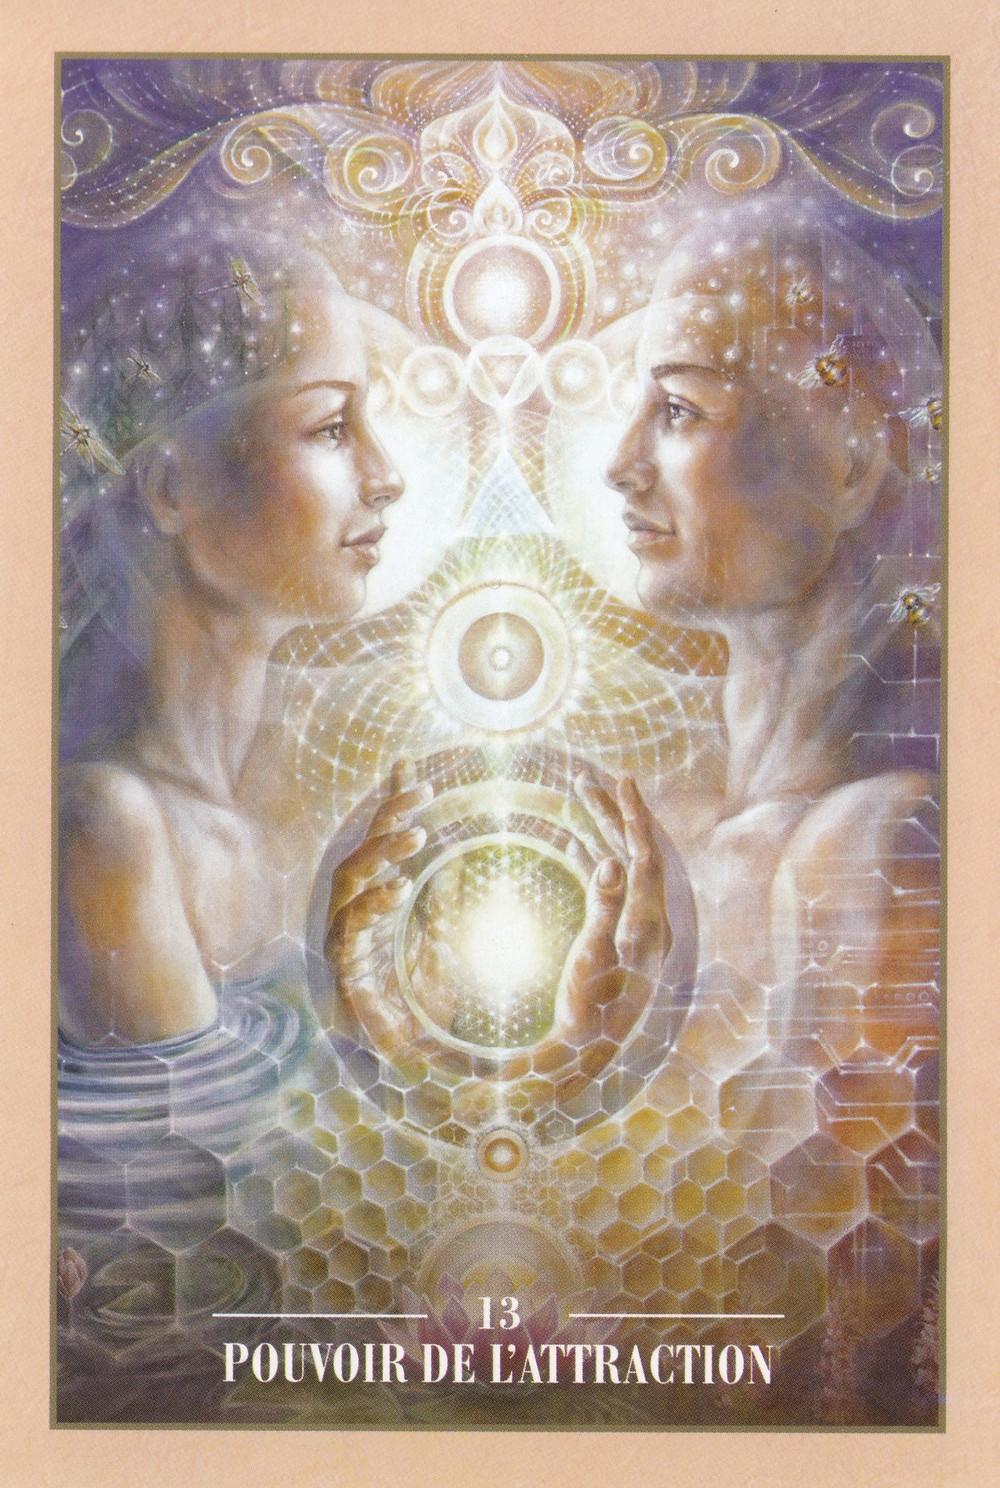 Carte de L'Oracle des Rebelles Sacrés d'Alana Fairchild - 13 - Pouvoir de l'Attraction - Energies du weekend du 12-13-14 juin 2020 : L'Abondance est un état d'Être, non une velléité...